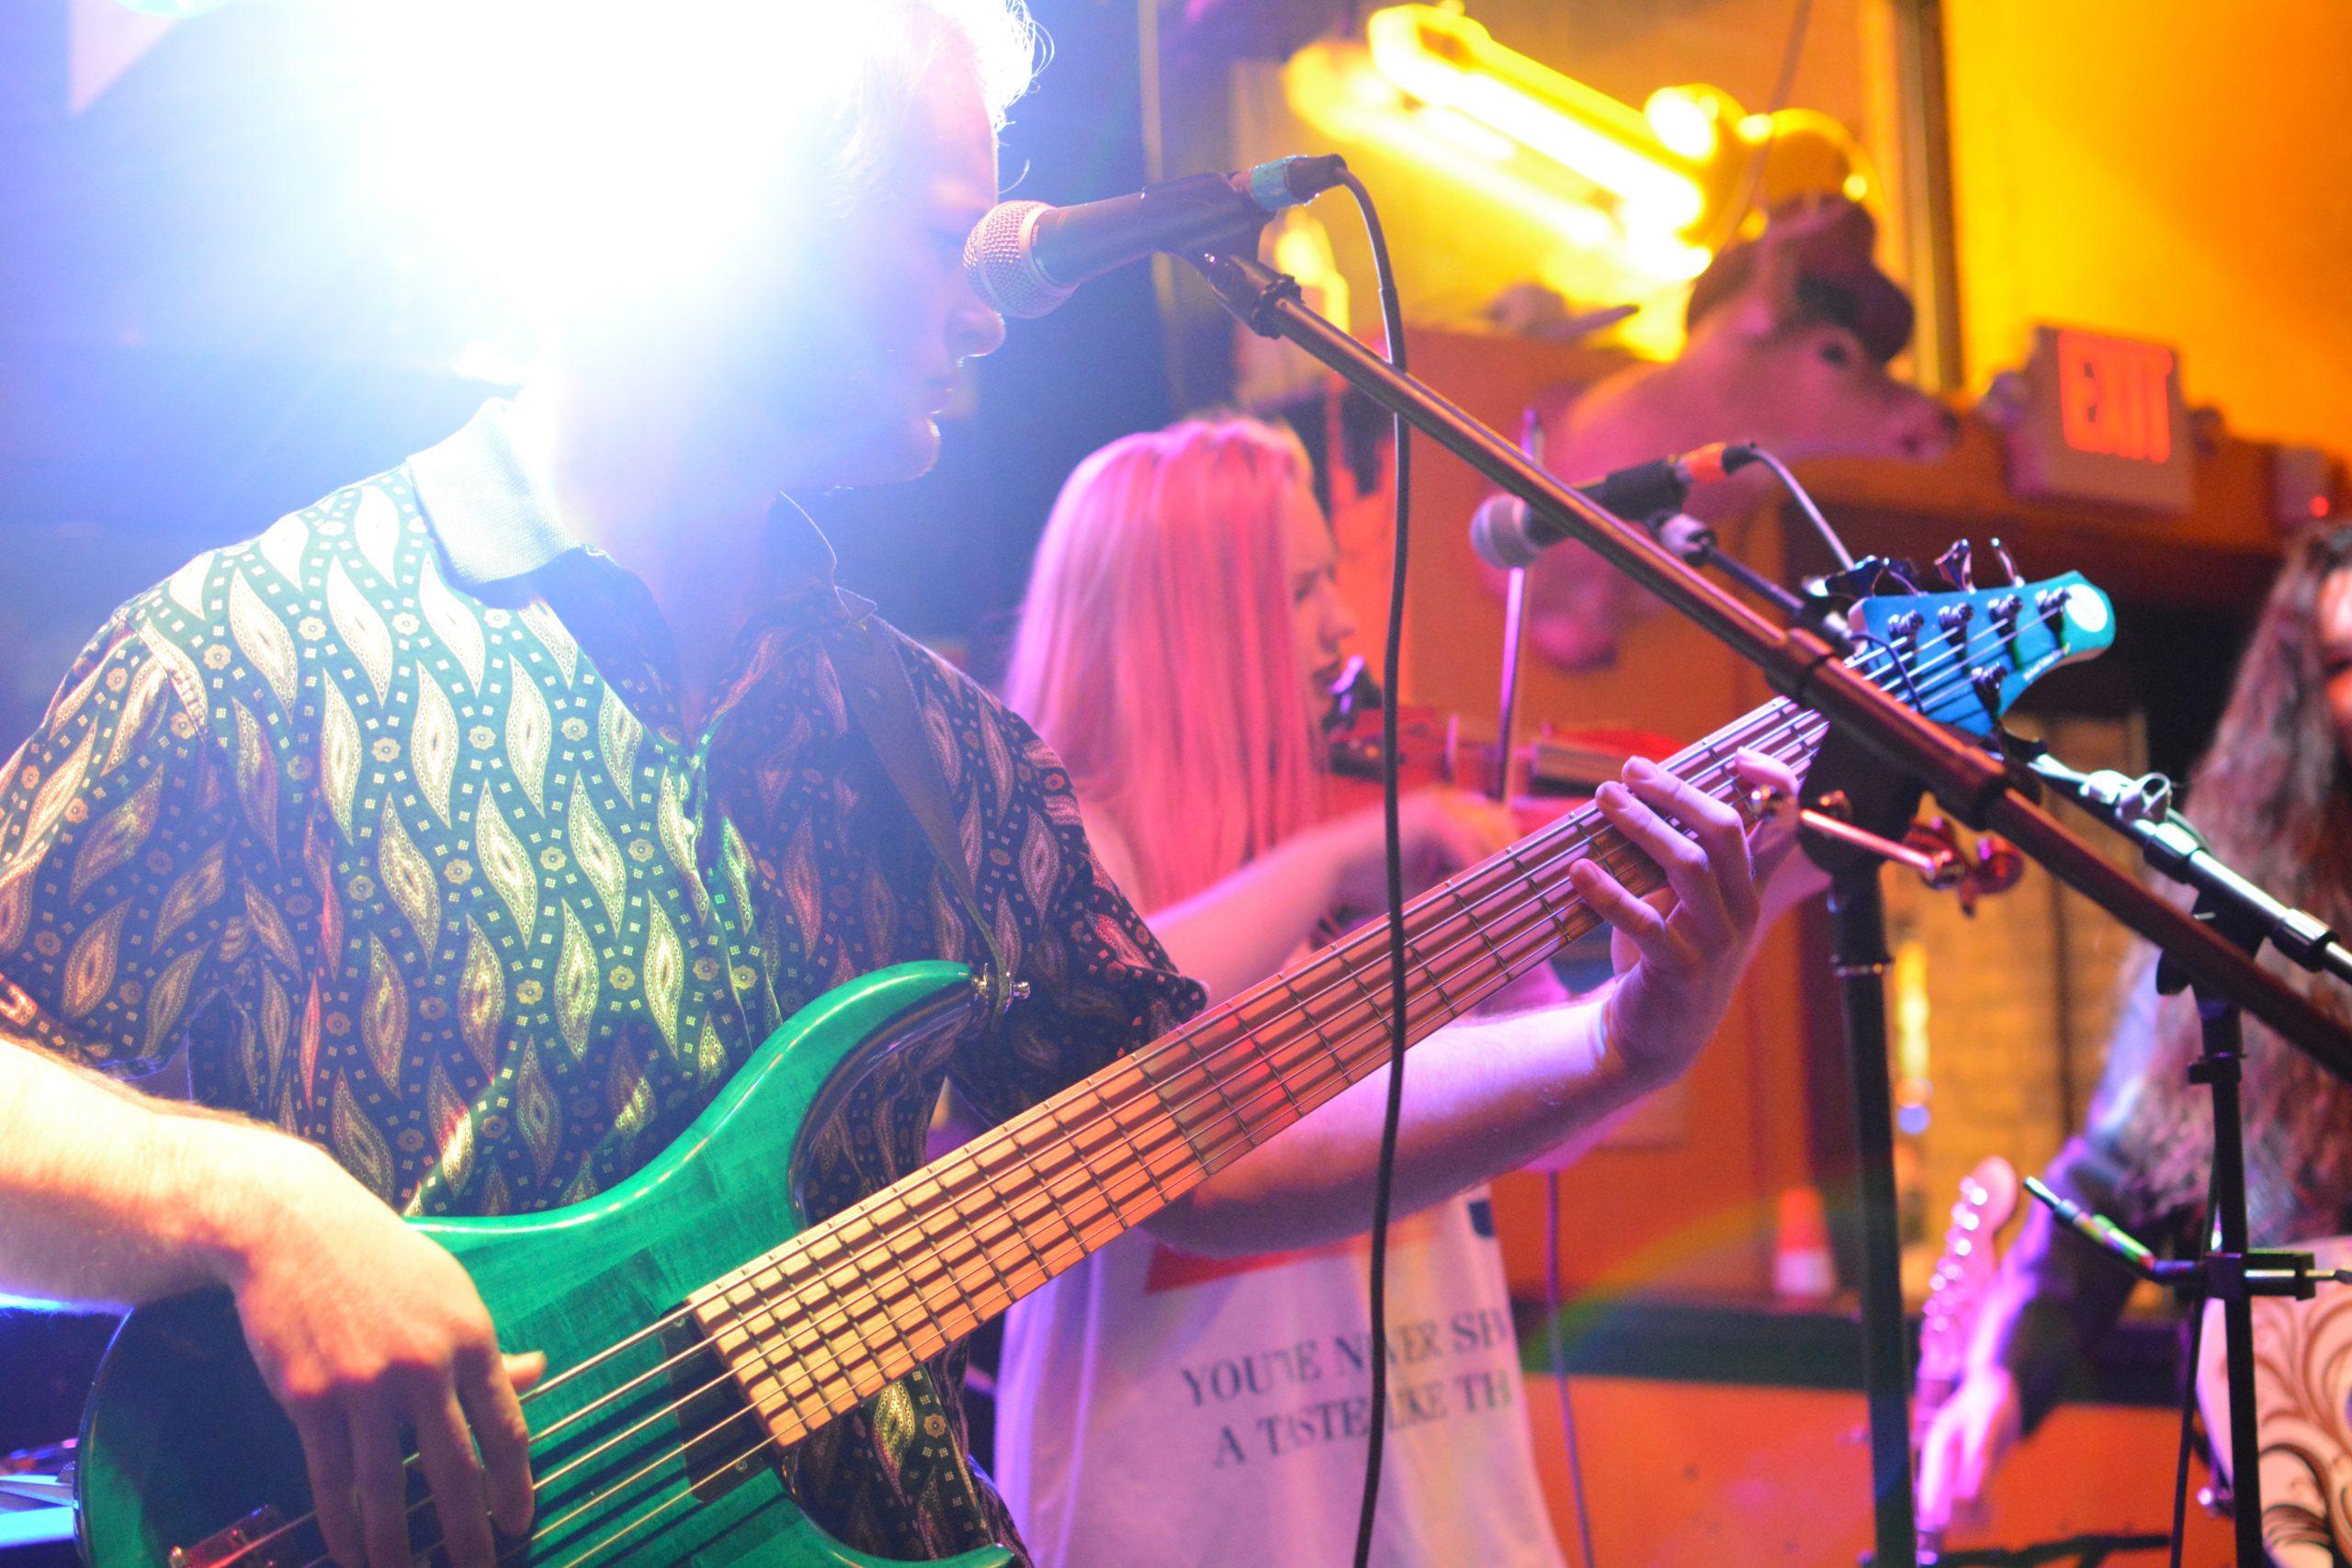 Saul plays the bass guitar